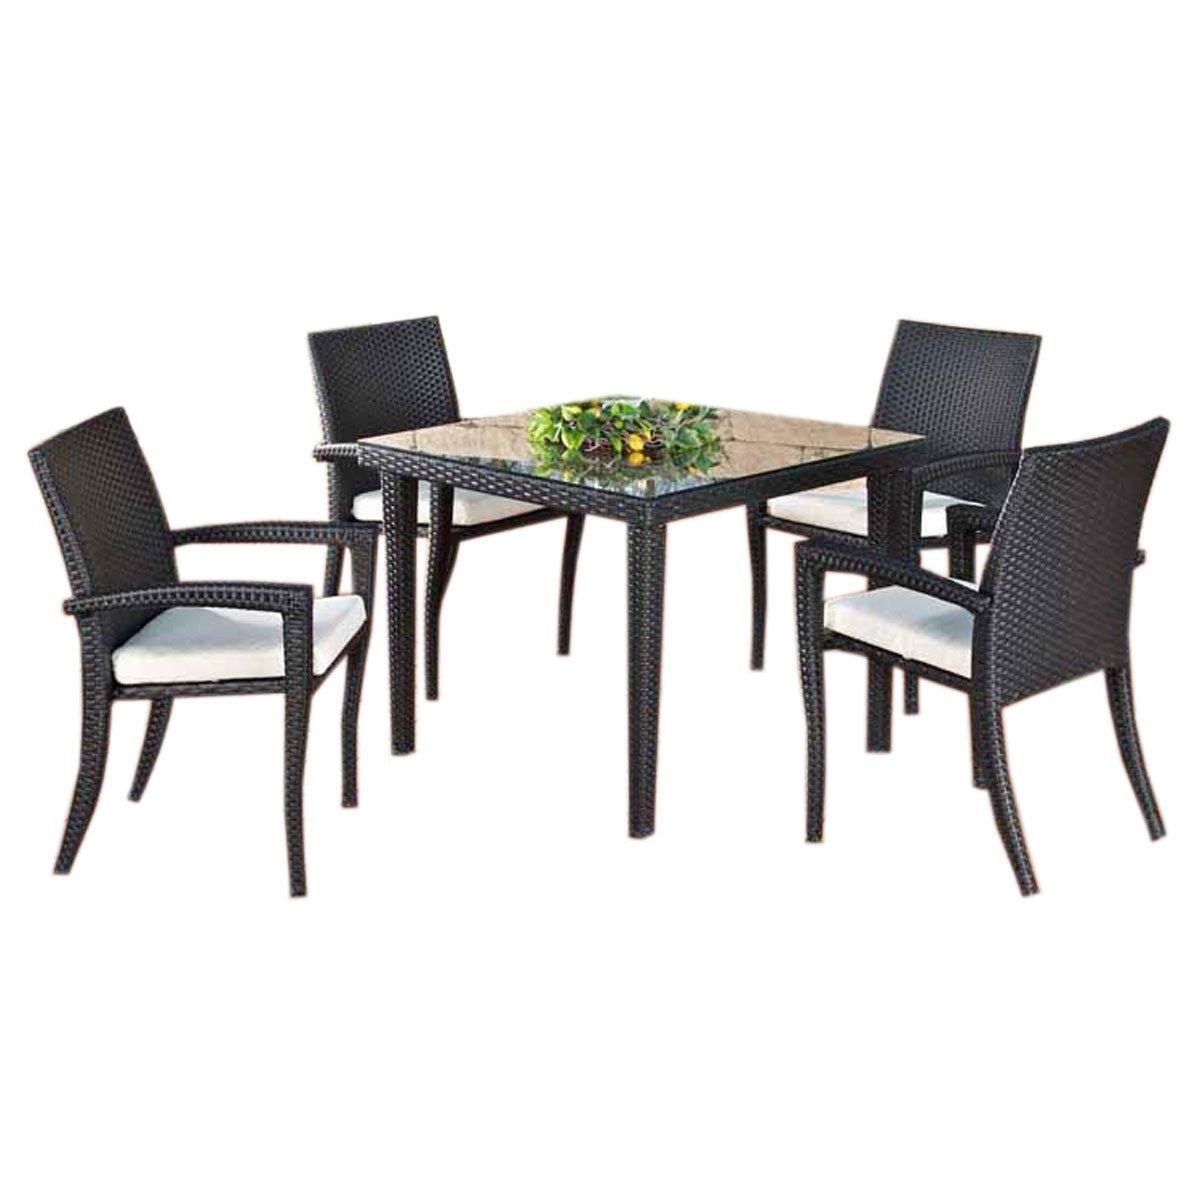 Conjunto muebles de jard n 2 sillones sofa 2 plazas mesa for Conjunto muebles de jardin